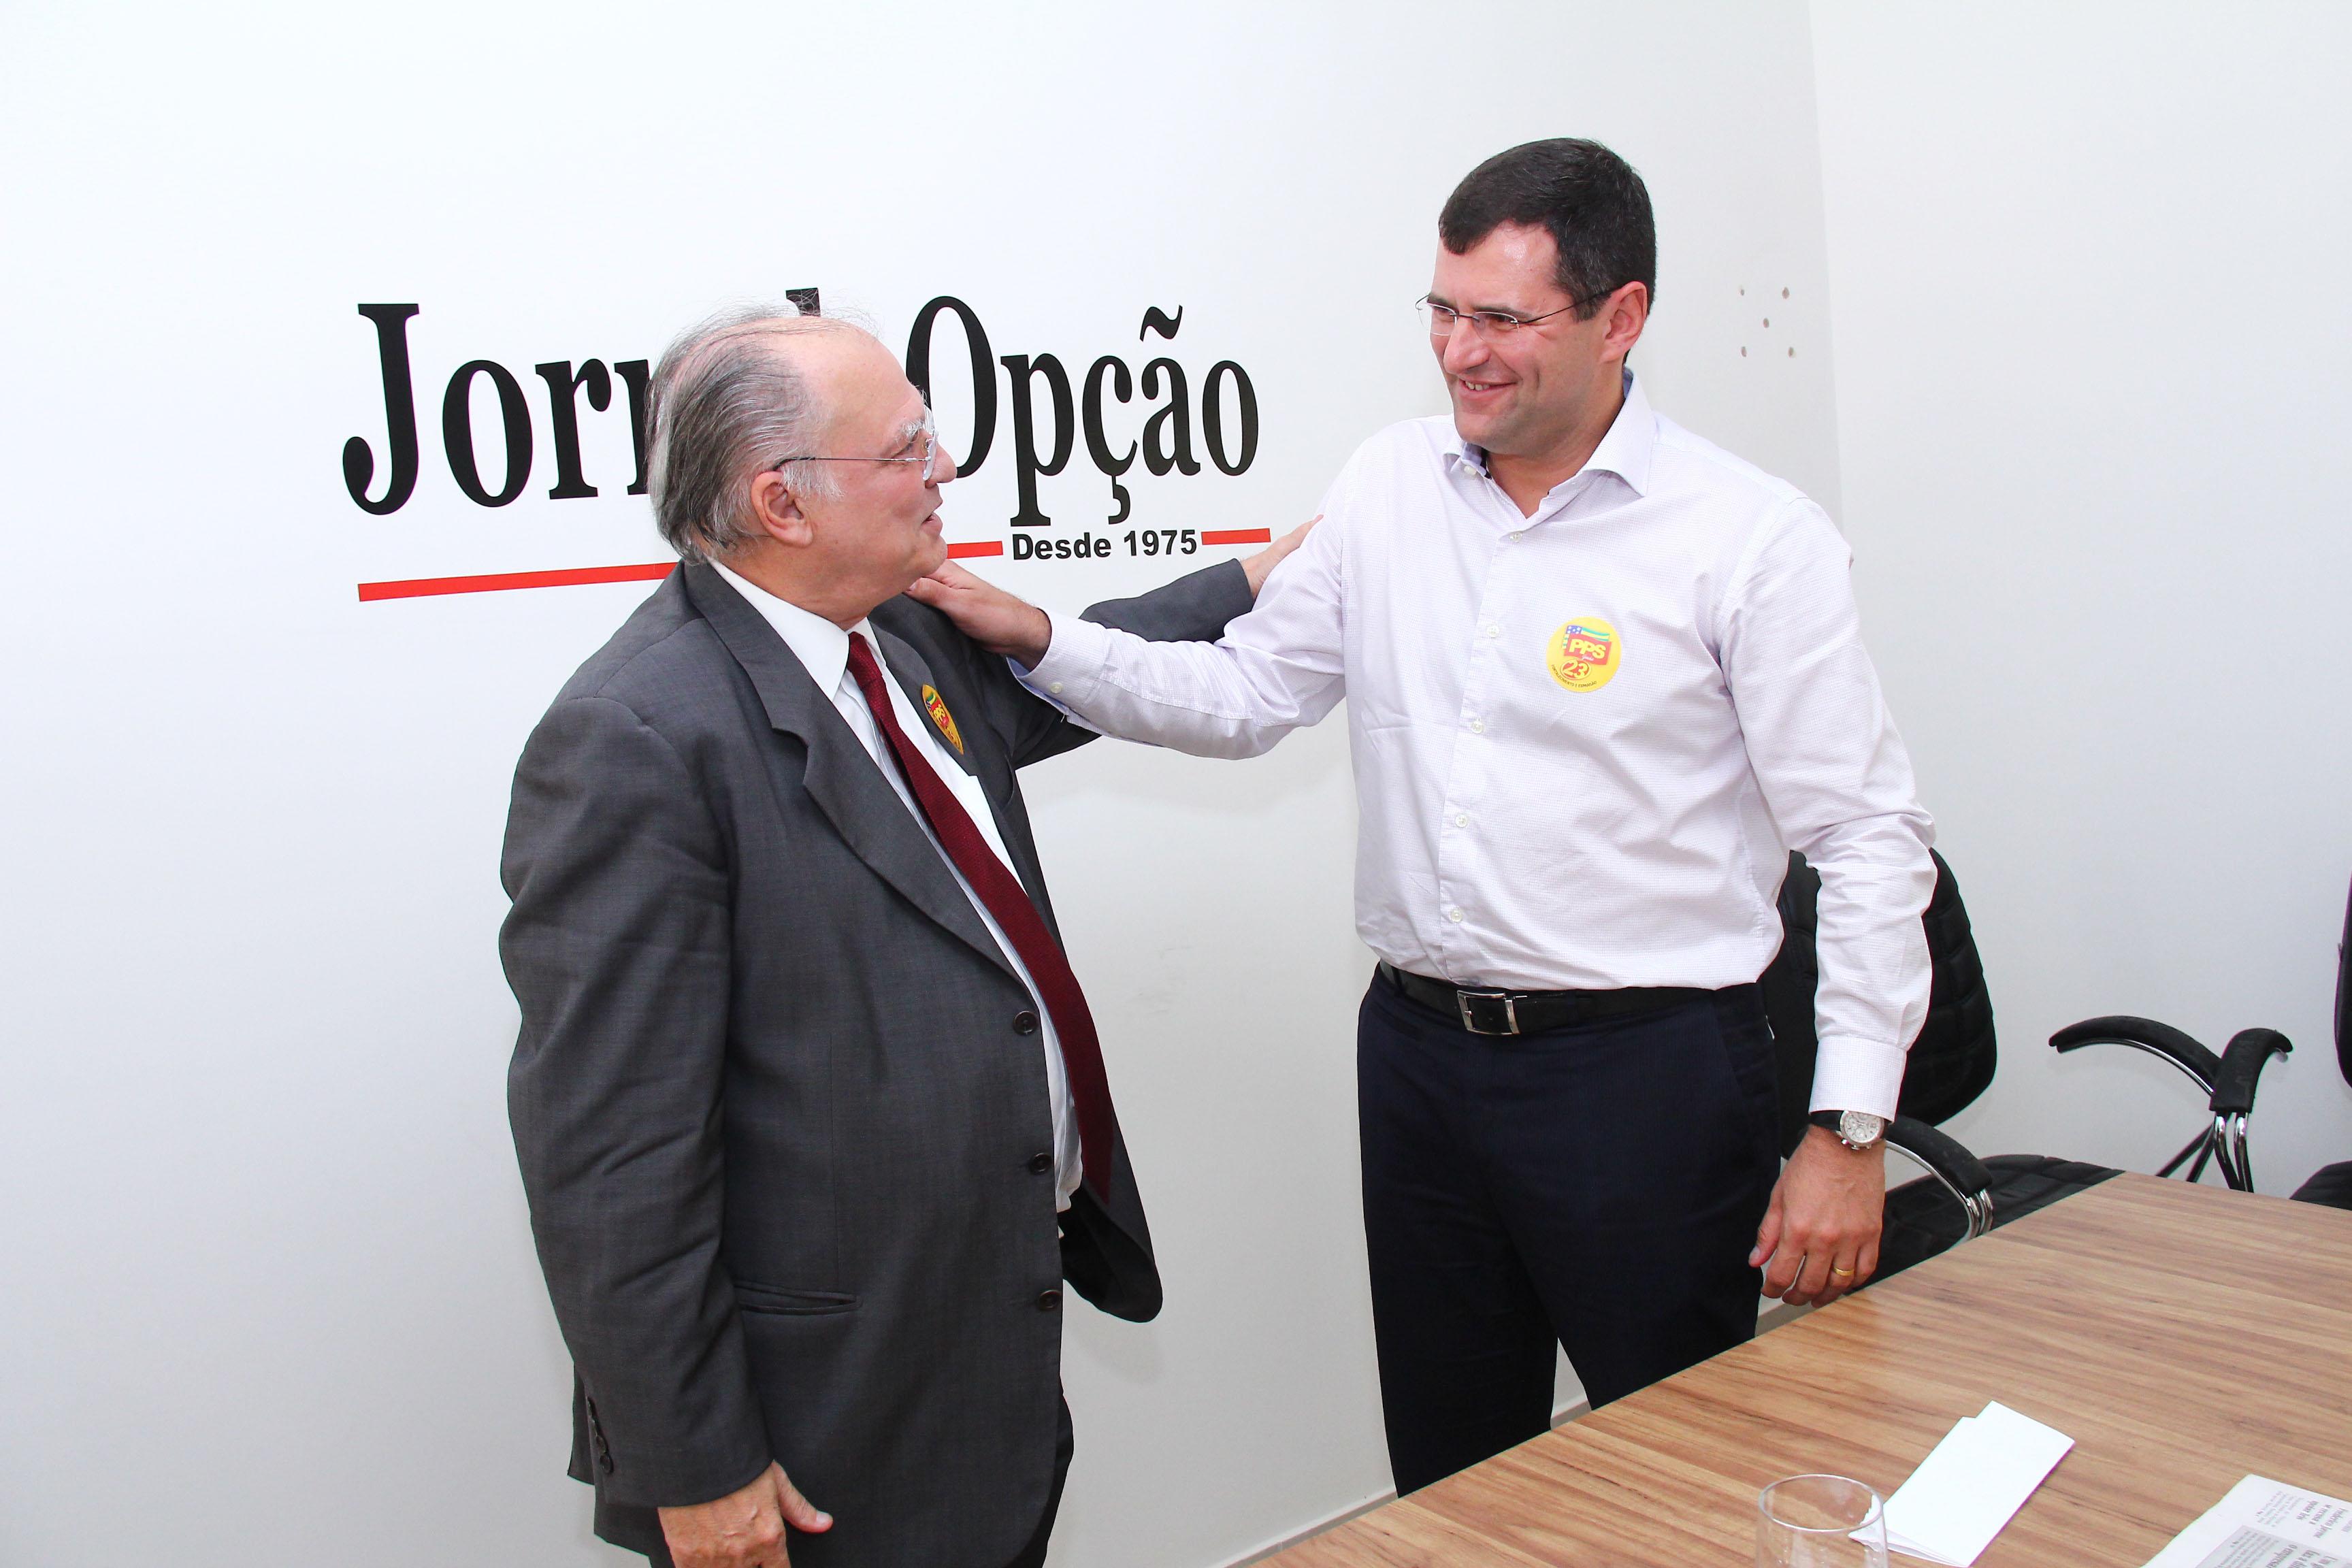 Roberto Freire aposta que, em outubro, o PPS de Goiás finalmente vai eleger um deputado federal